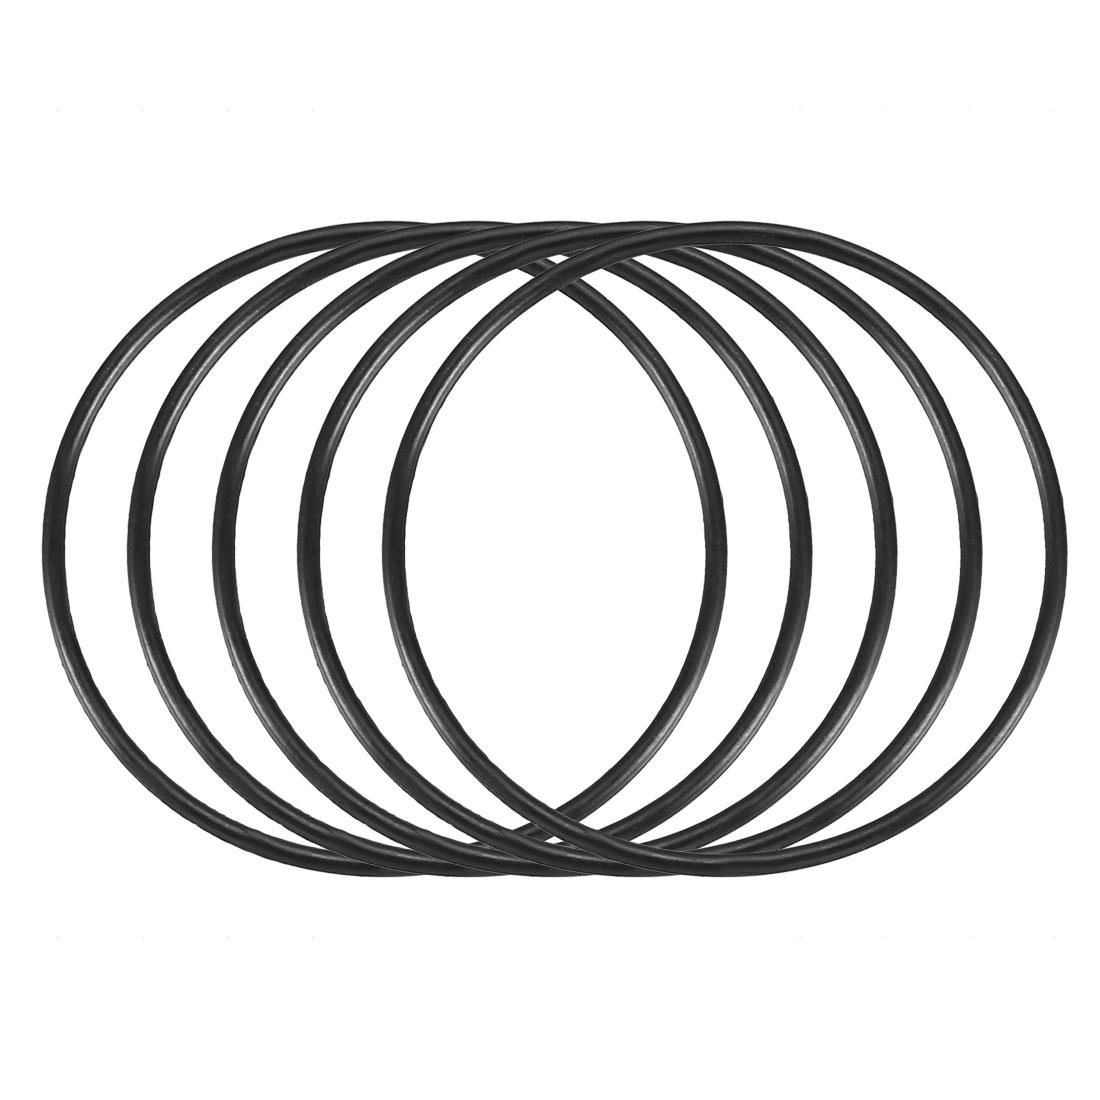 50pcs Black Nitrile Butadiene Rubber NBR O-Ring 28.6mm Inner Dia 1mm Width